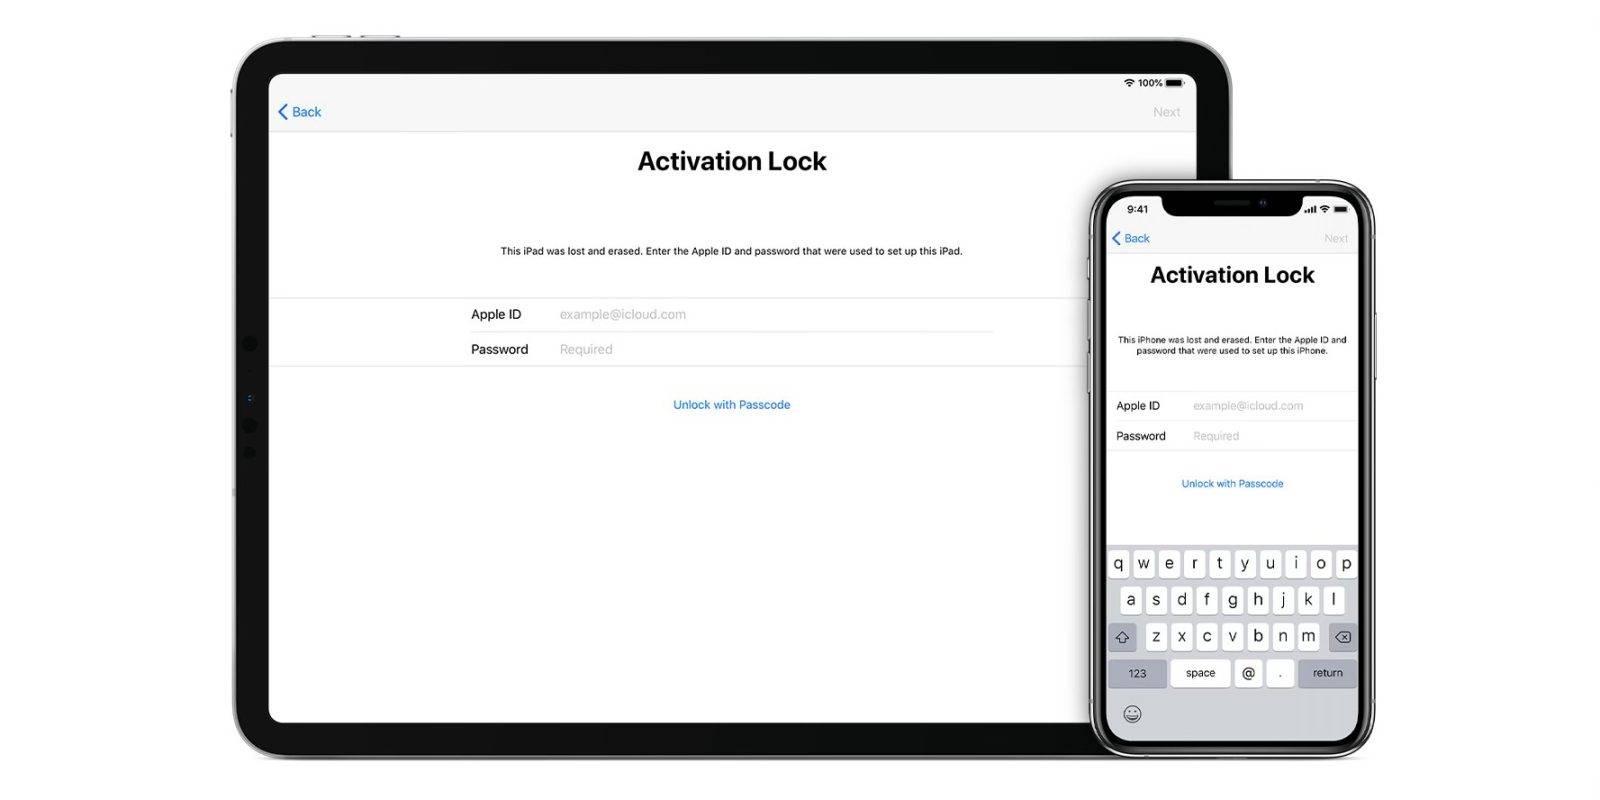 如何解决iPhone,iPad,Mac等设备上的激活锁问题